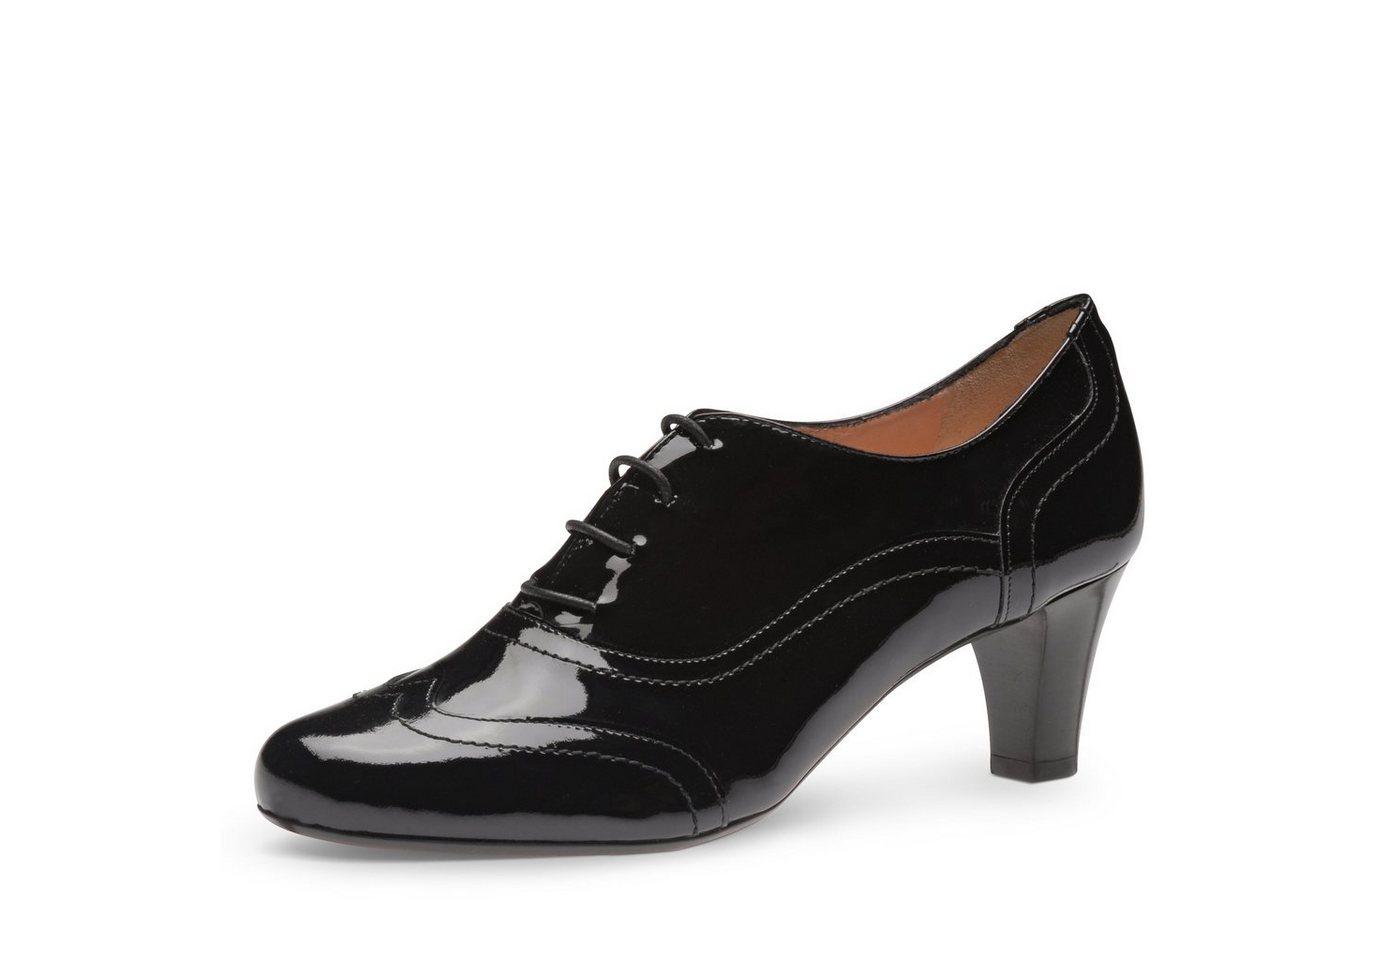 Evita »GIUSY« Schnürpumps | Schuhe > Pumps > Schnürpumps | Schwarz | Evita